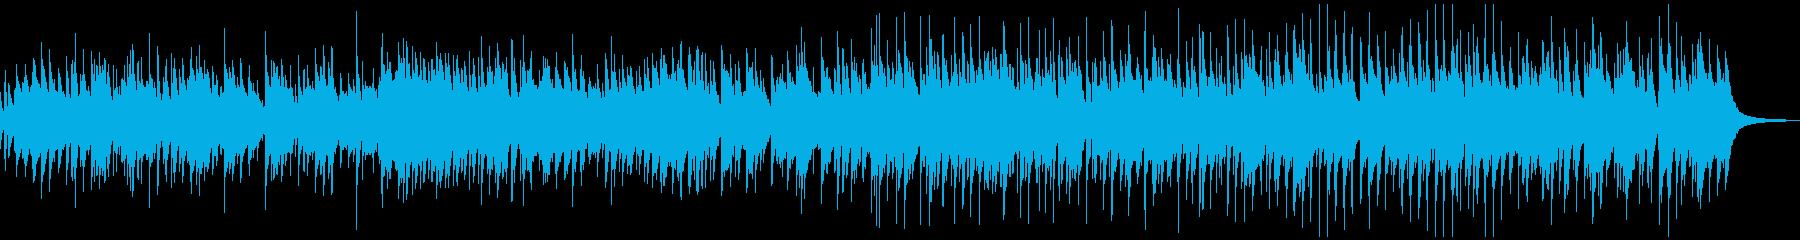 お洒落なピアノ、カントリーワルツBGMの再生済みの波形